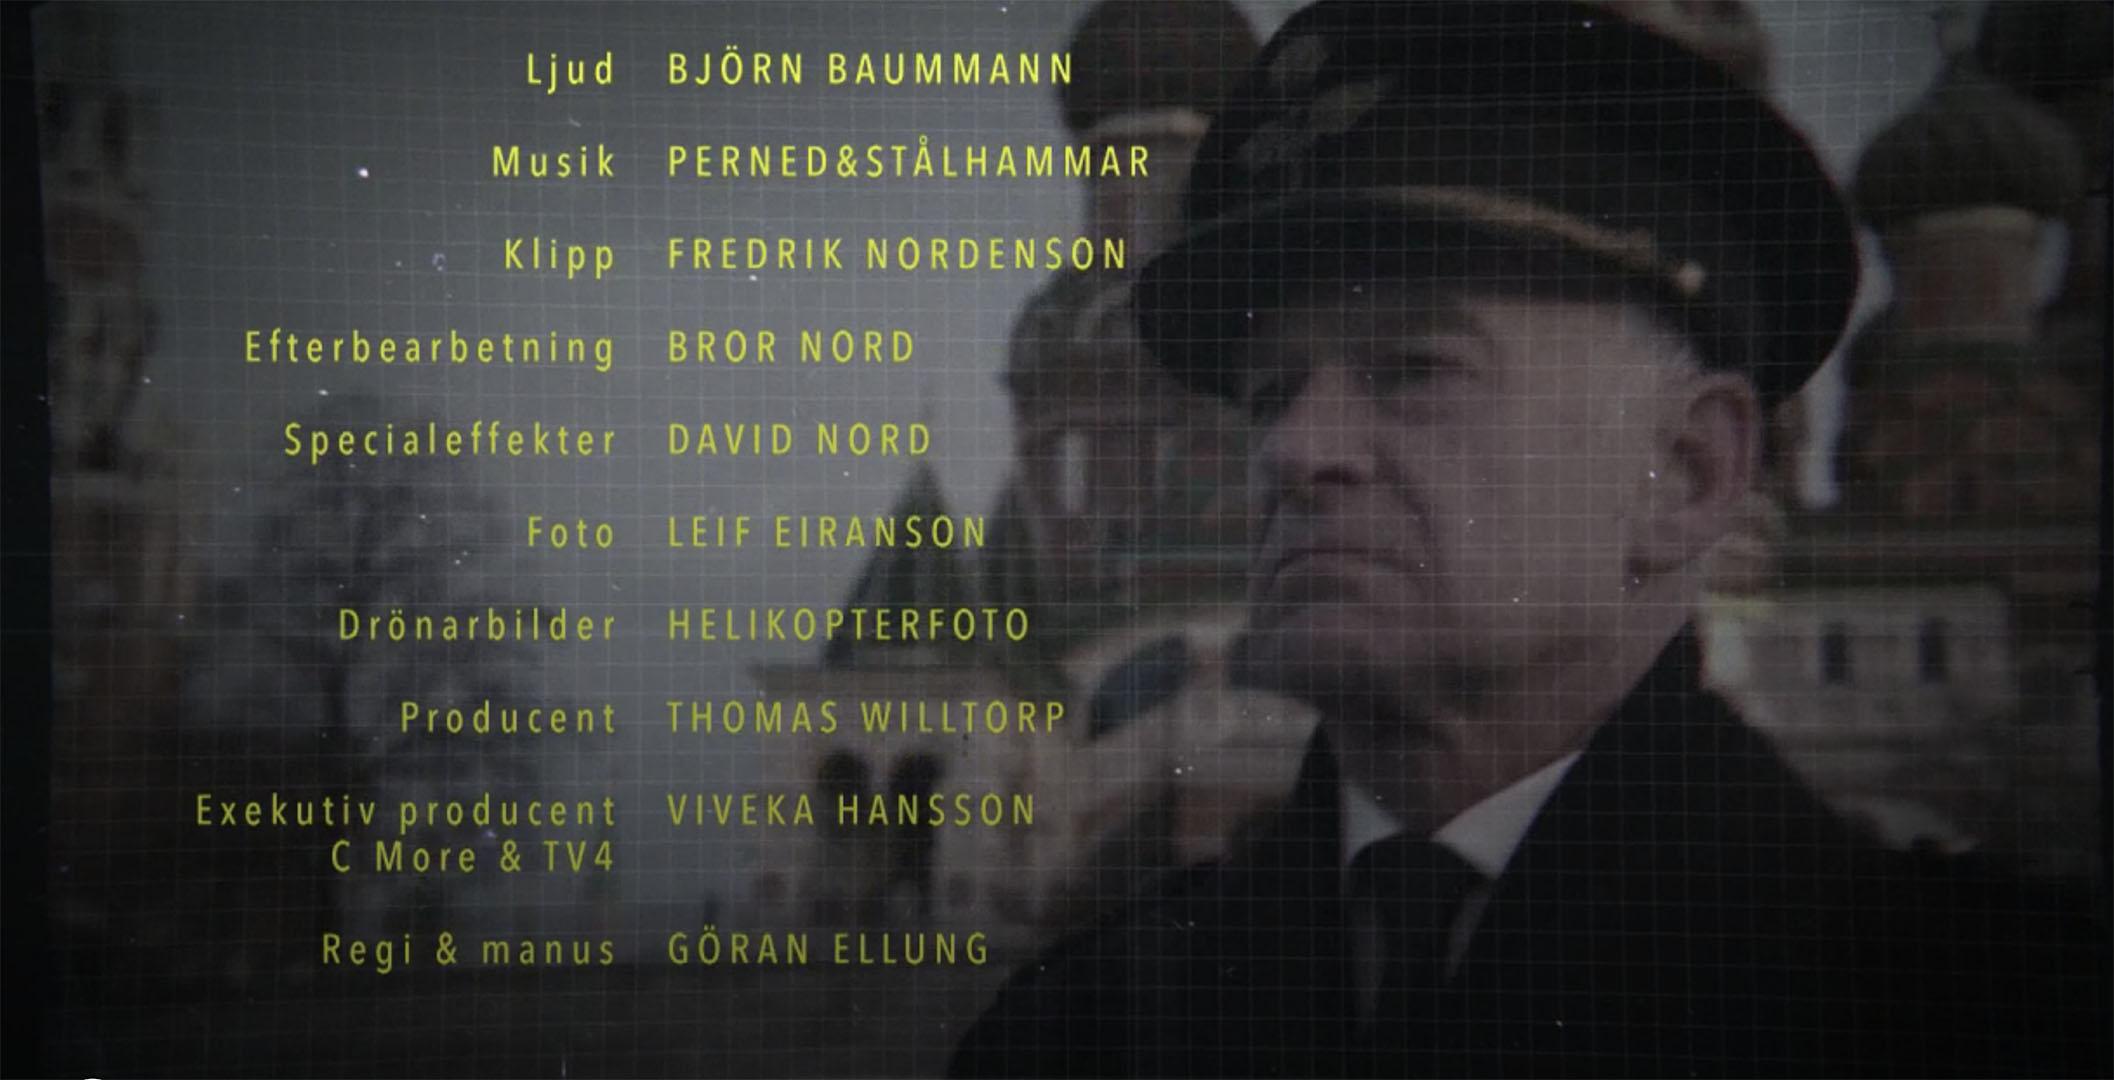 Drönare film dokumentär